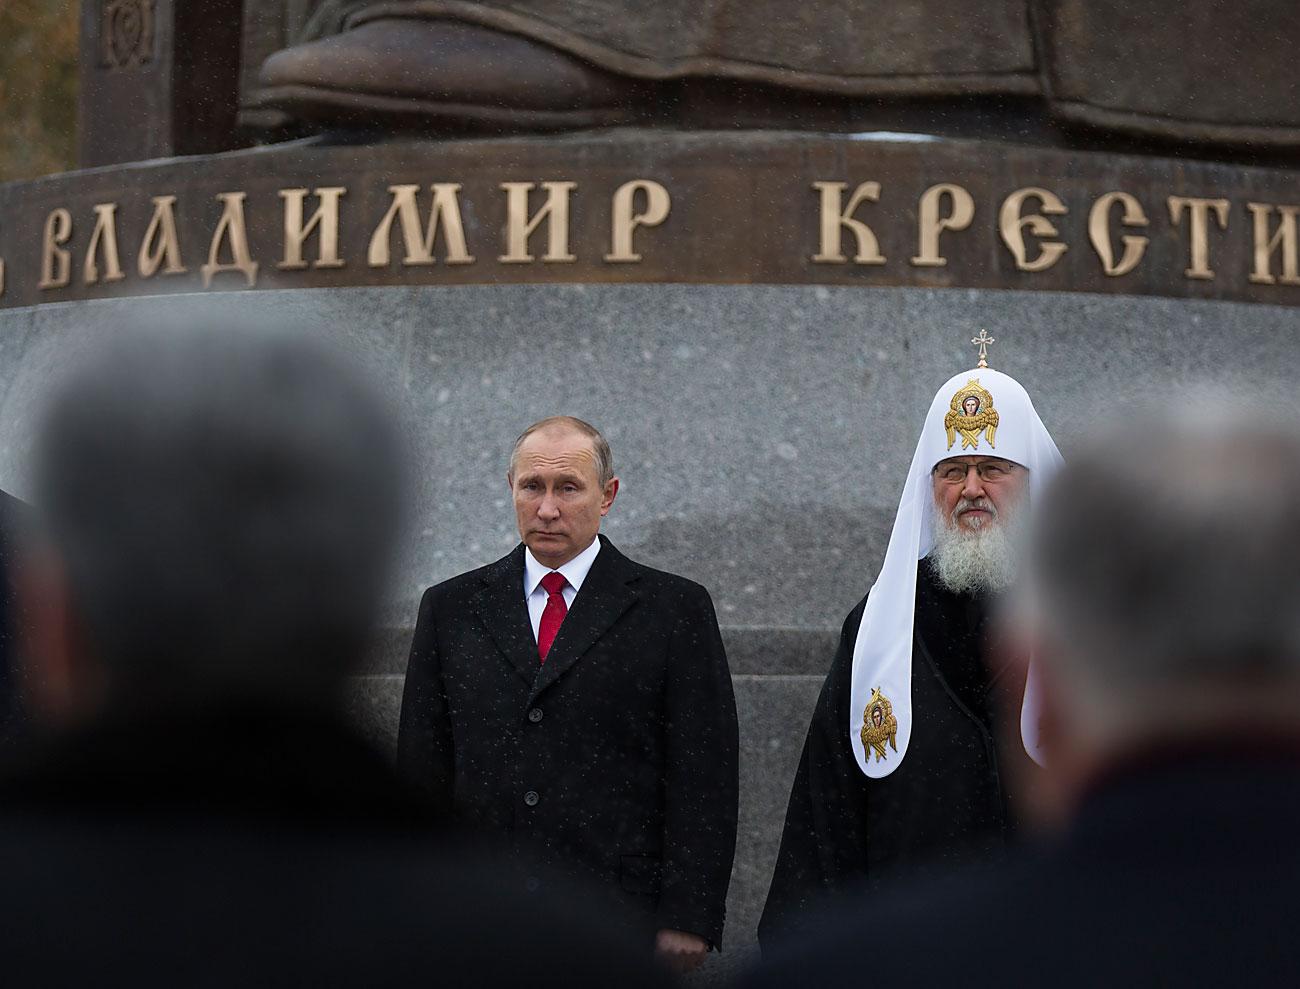 Претседателот на РФ Владимир Путин и патријархот Московски и на цела Русија на откривањето на споменикот на Владимир Велики на Денот на националното единство, 4 ноември 2016, Москва, Русија.